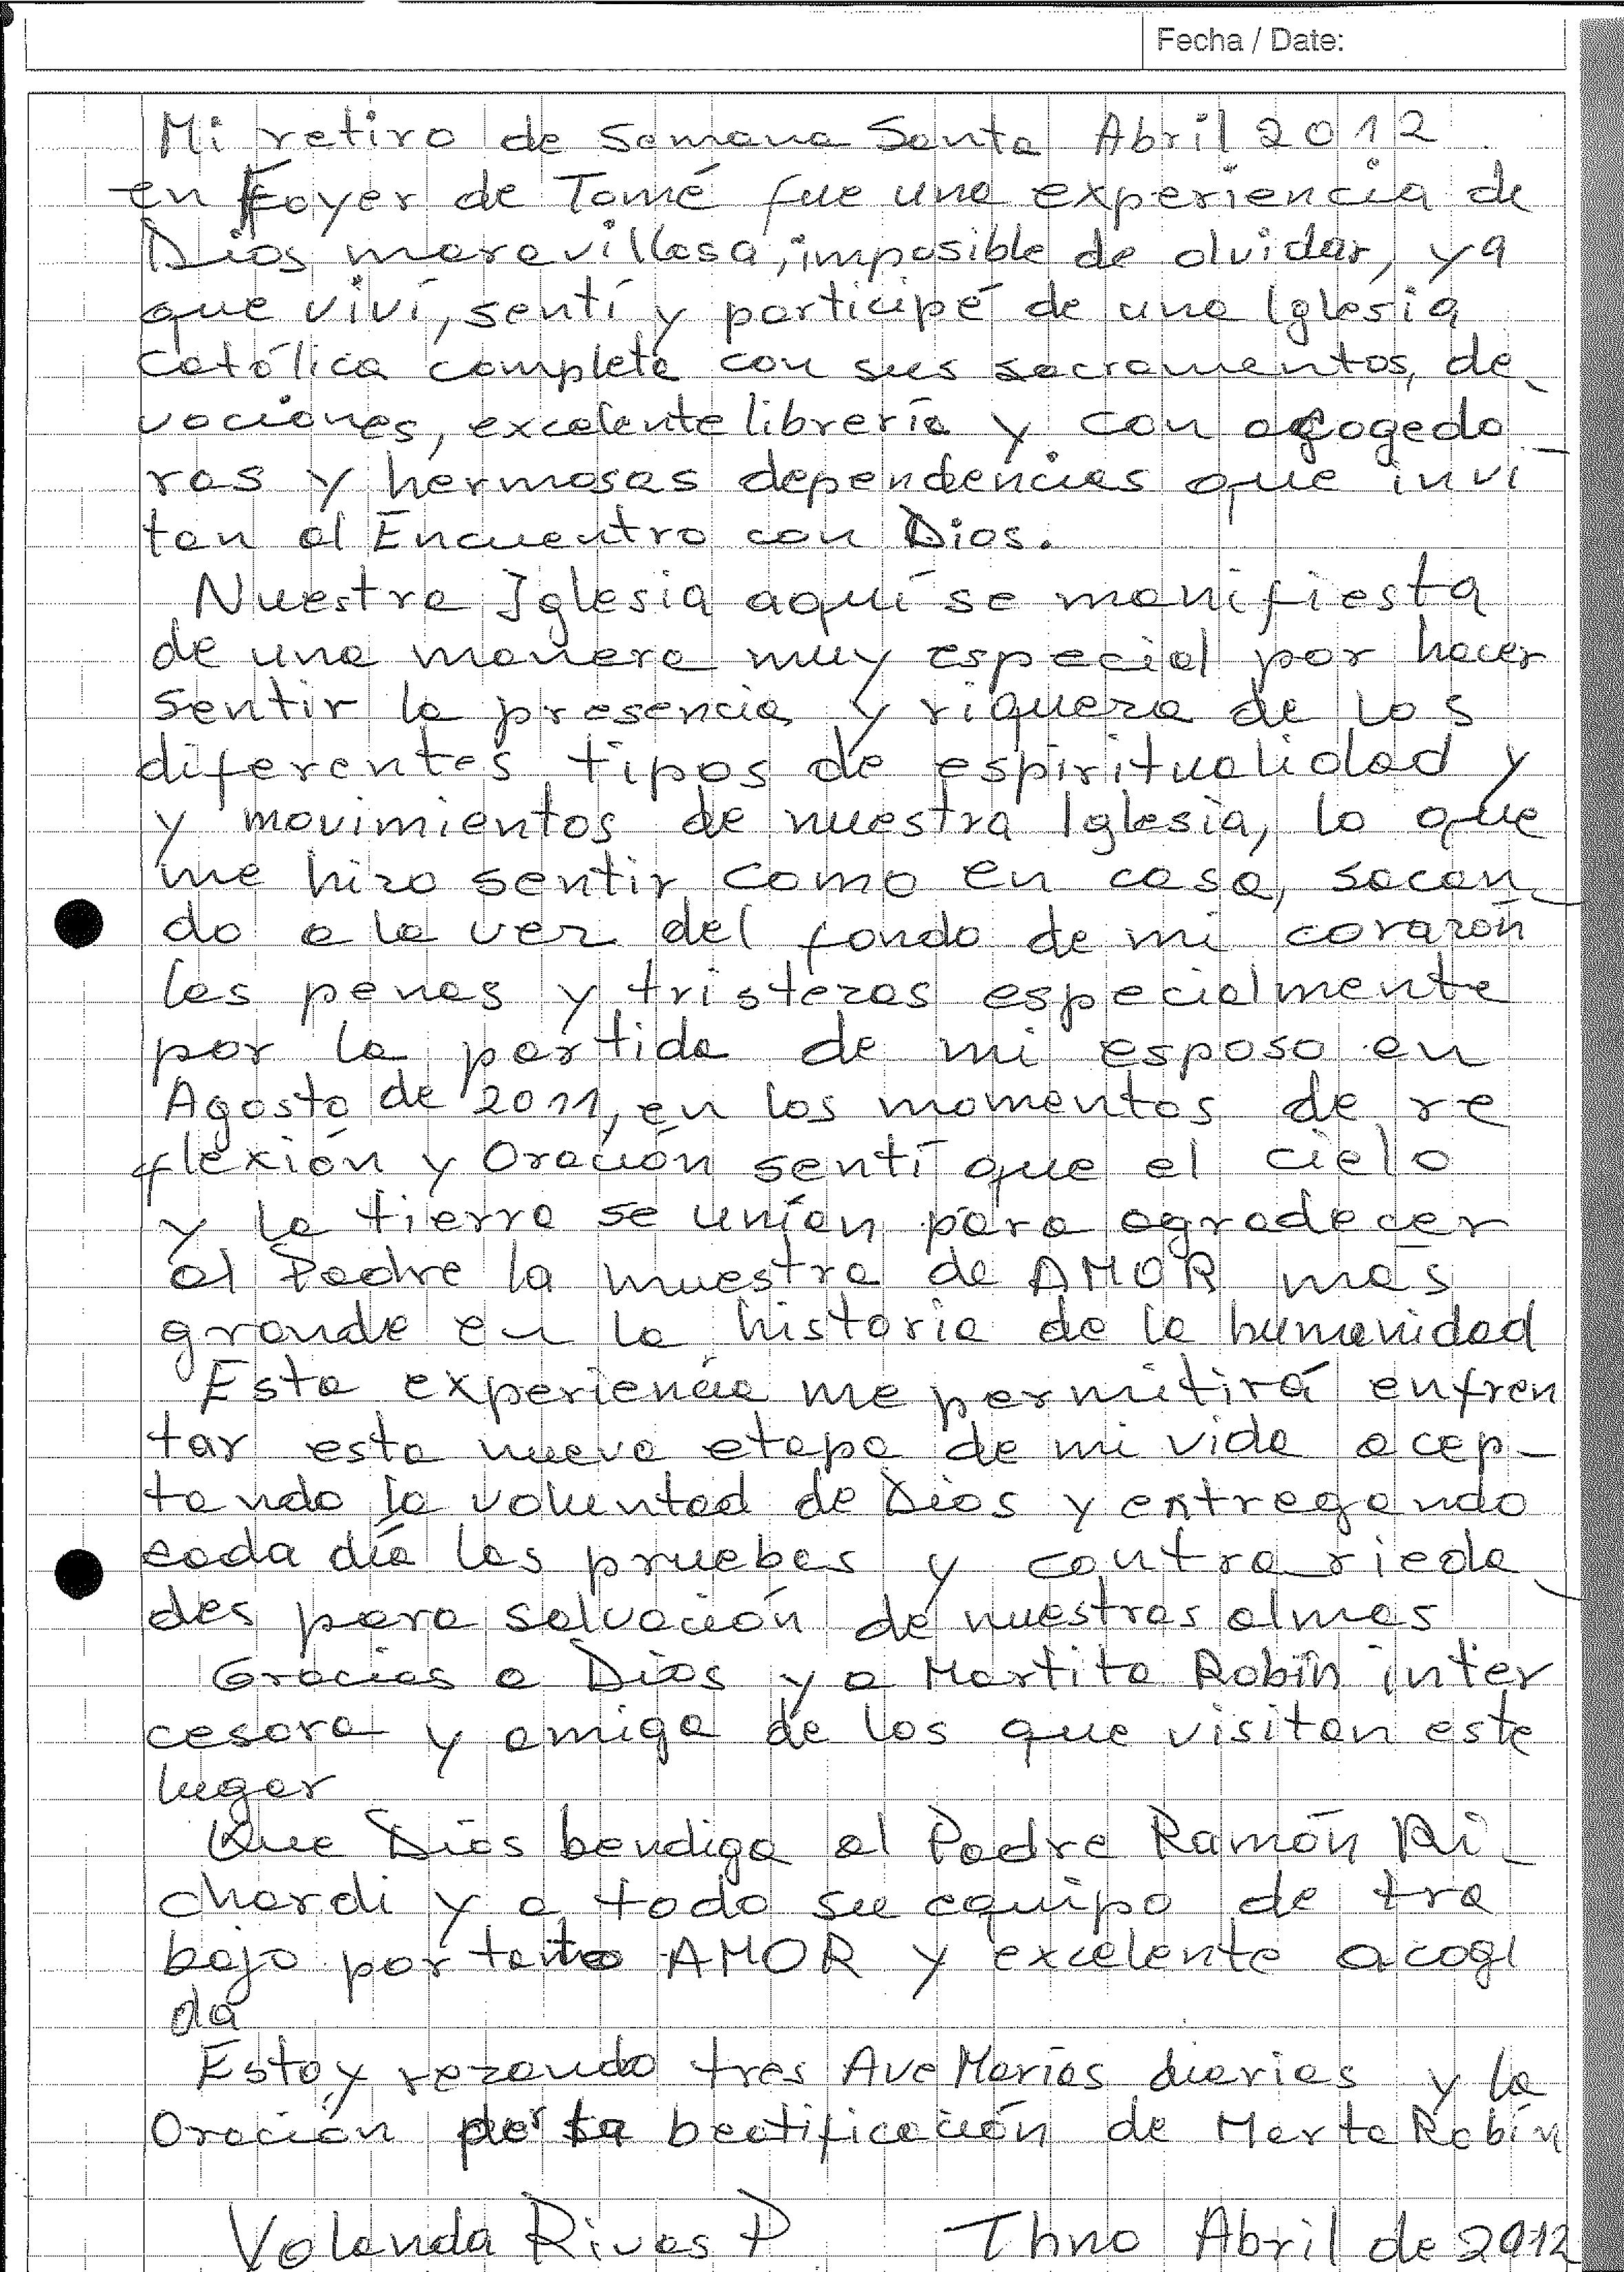 45a Yolanda Rivas Manuscrito